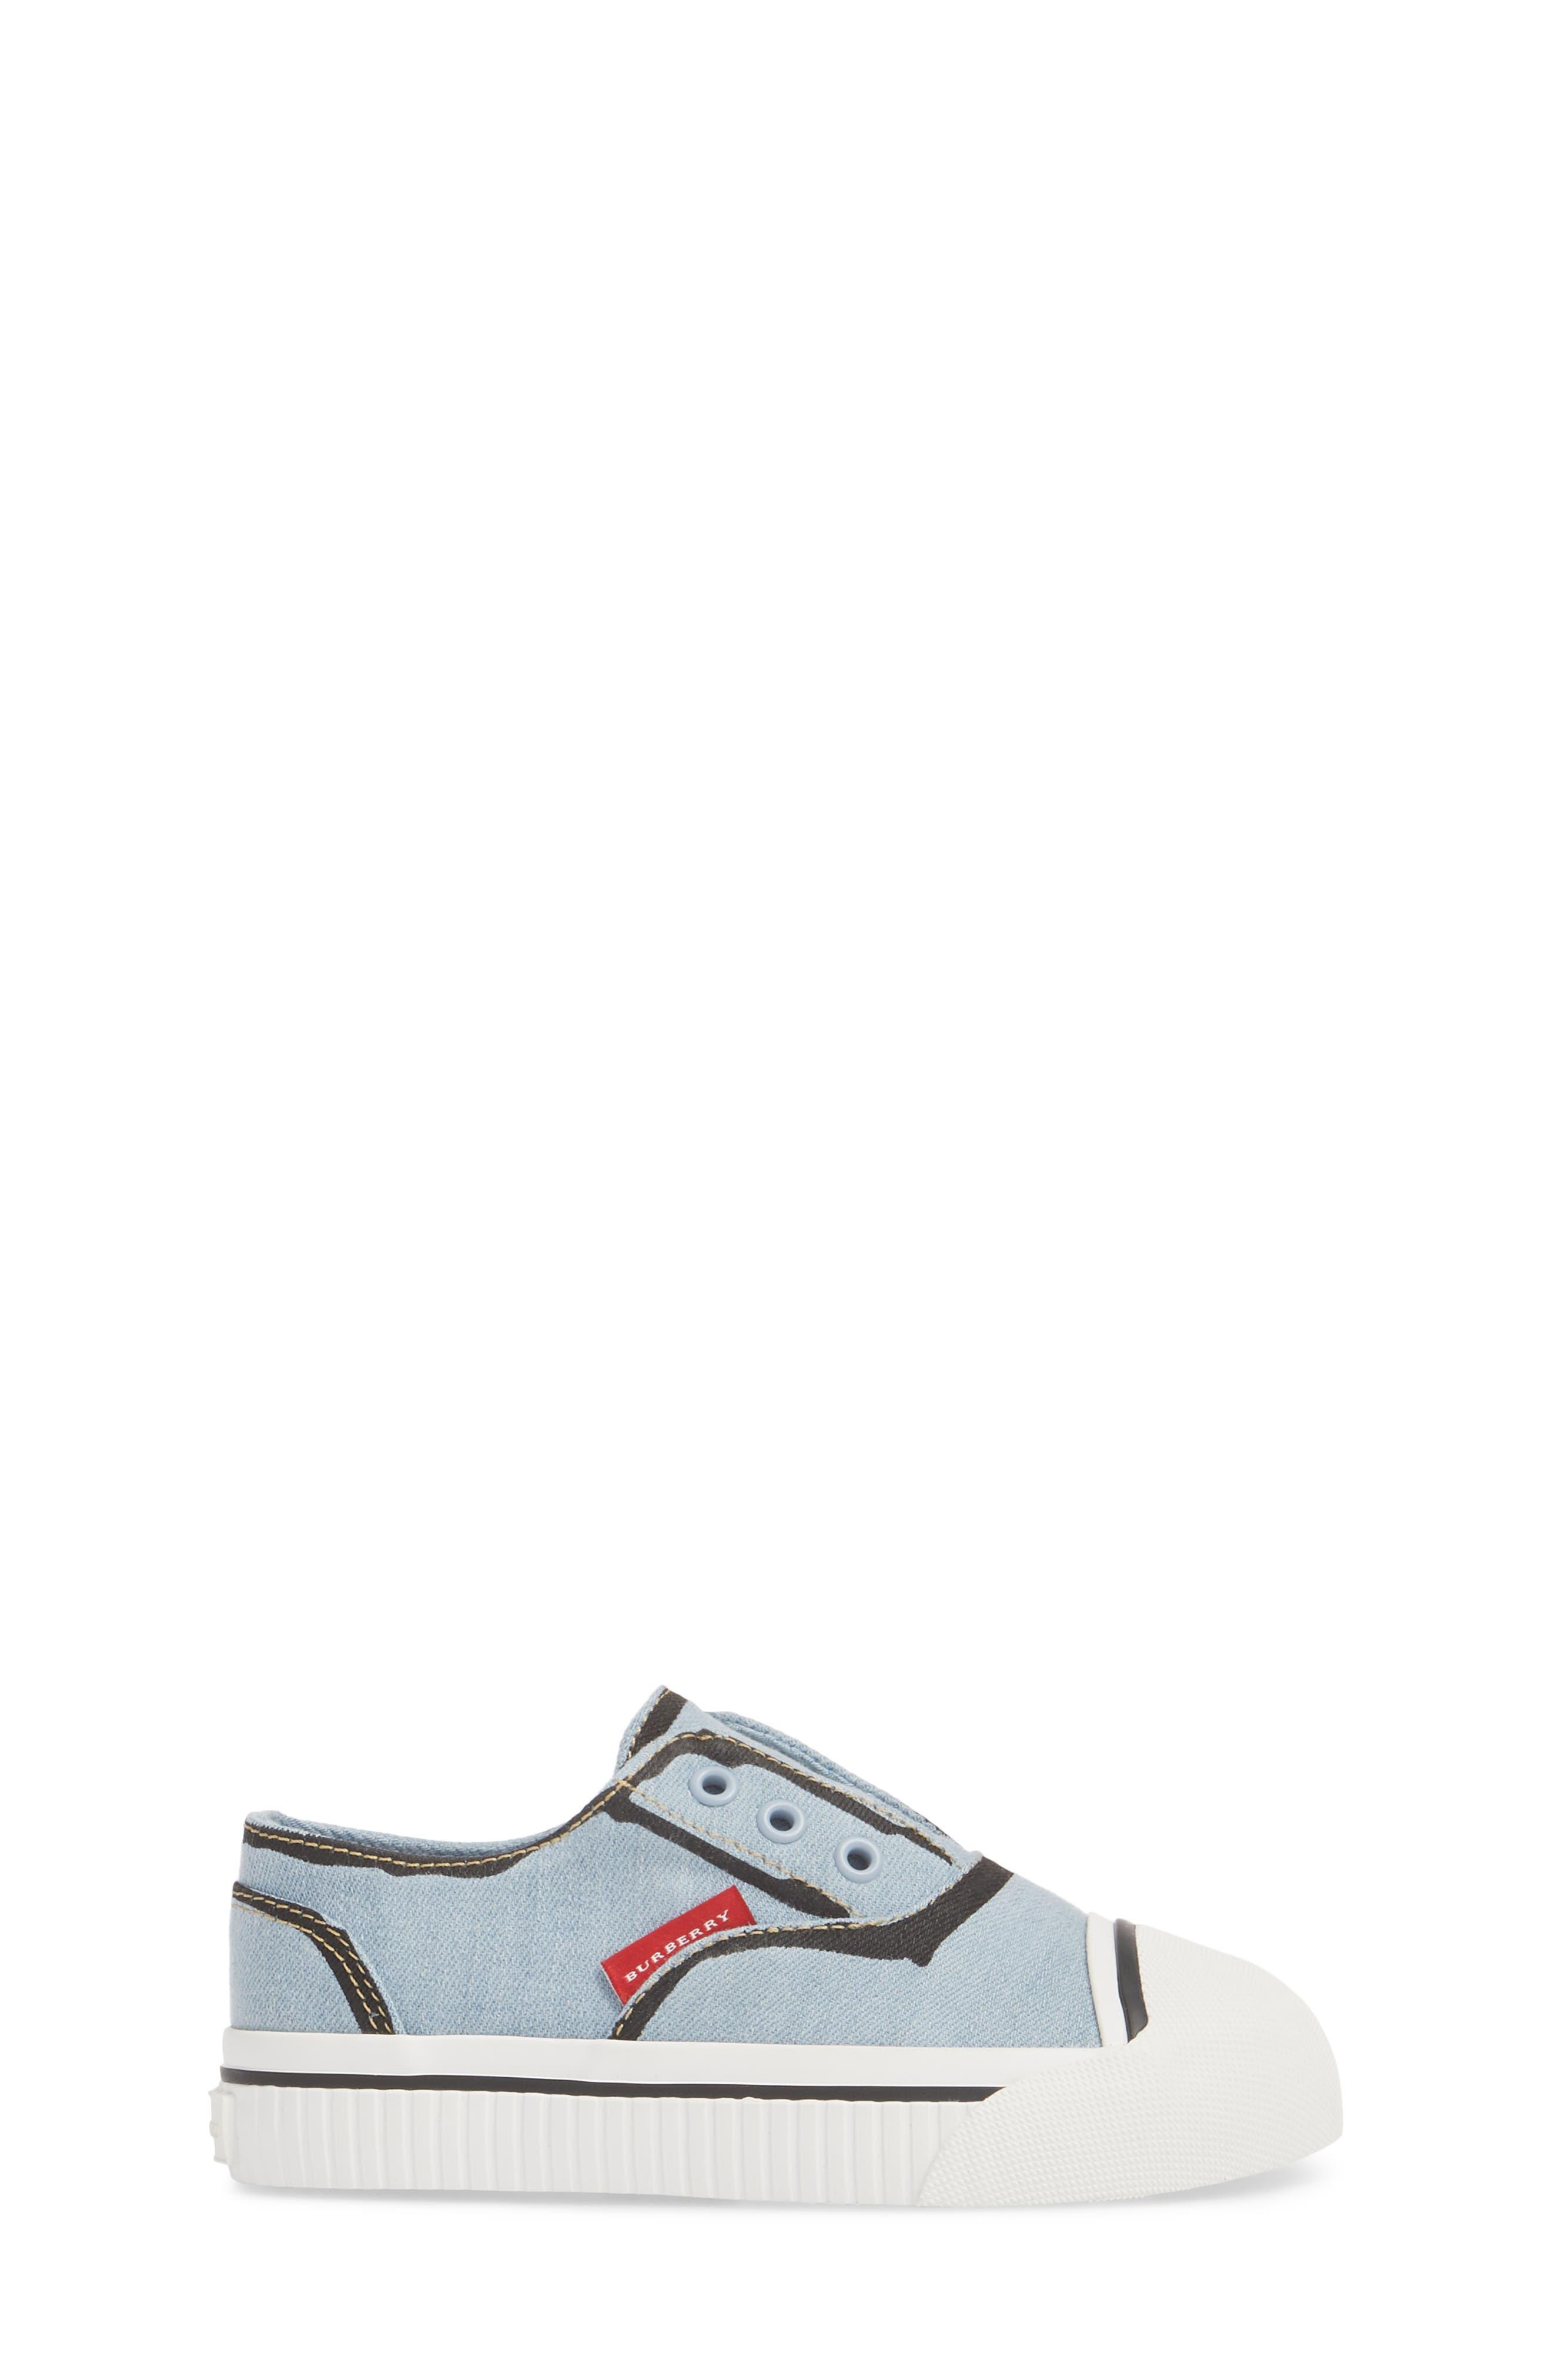 Alternate Image 3  - Burberry Lipton Slip-On Sneaker (Walker & Toddler)